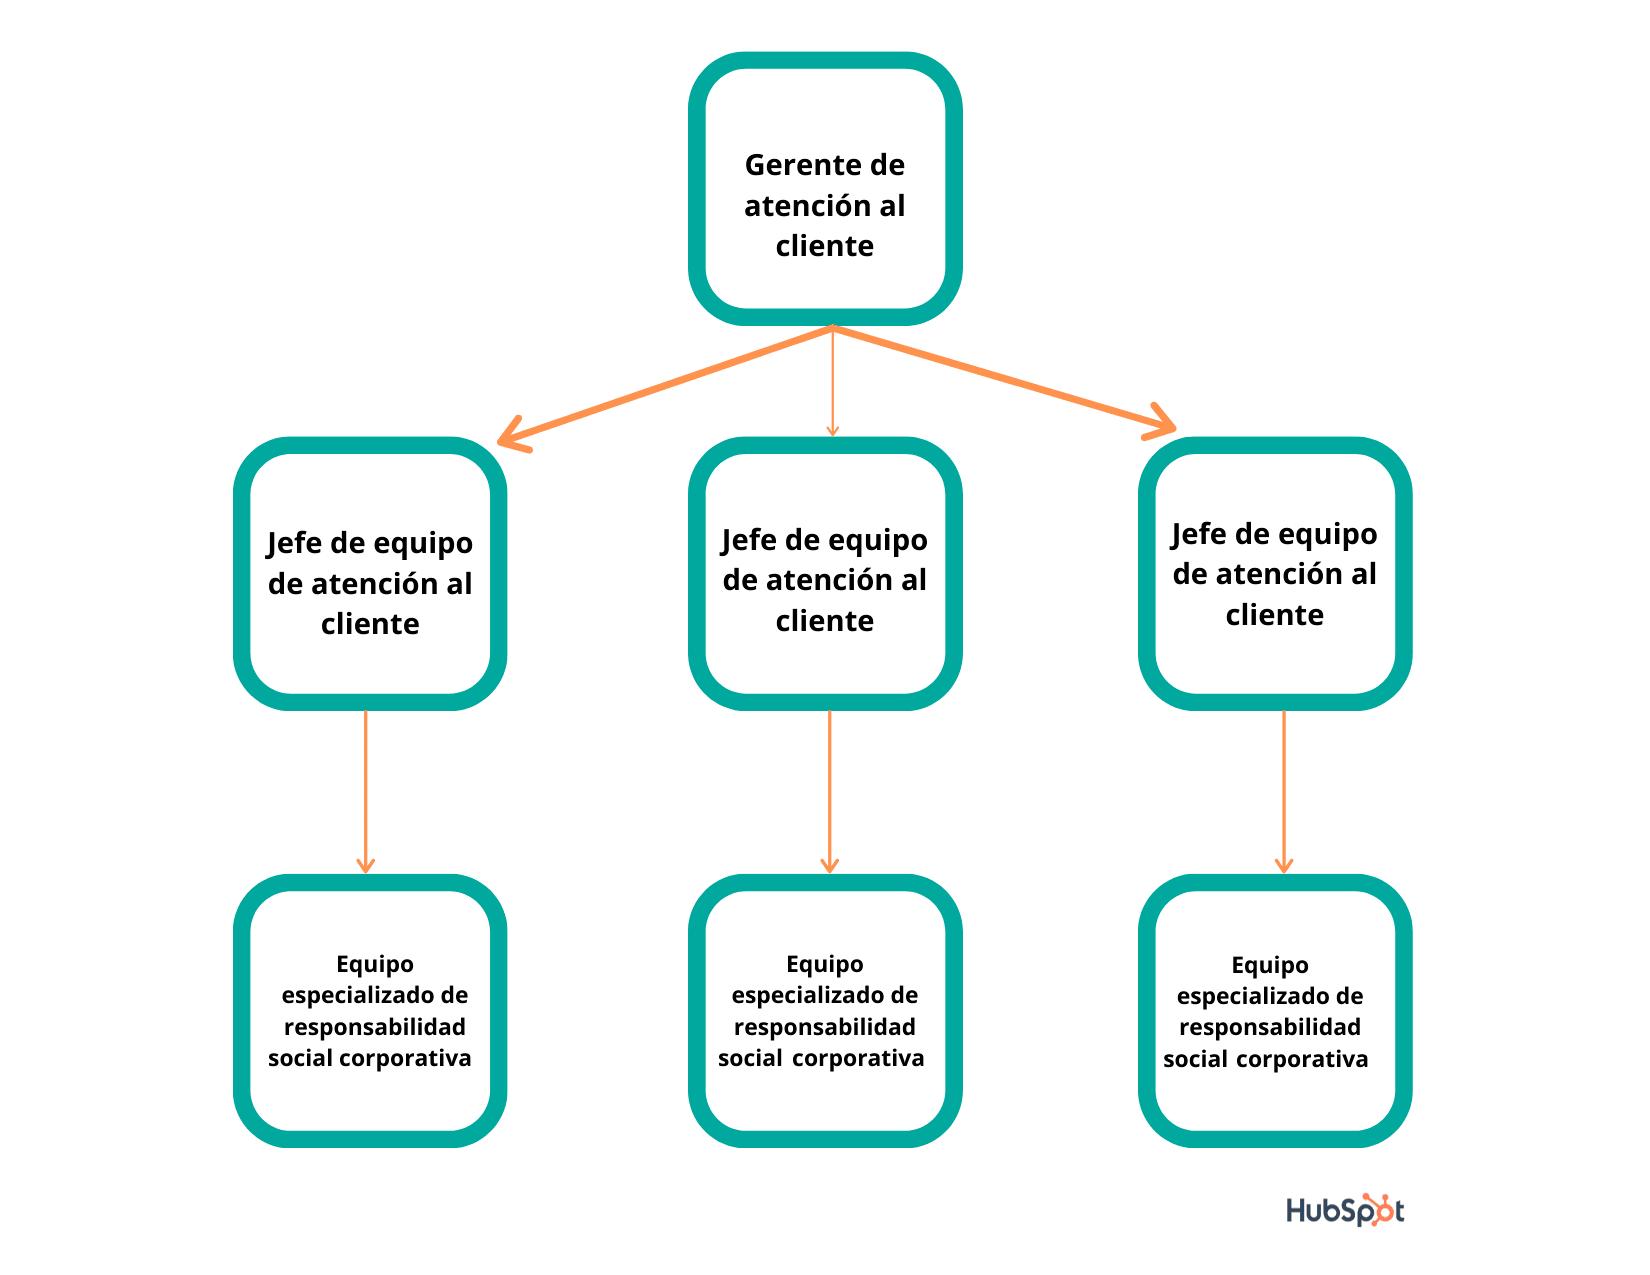 Estructura de un equipo de atención al cliente